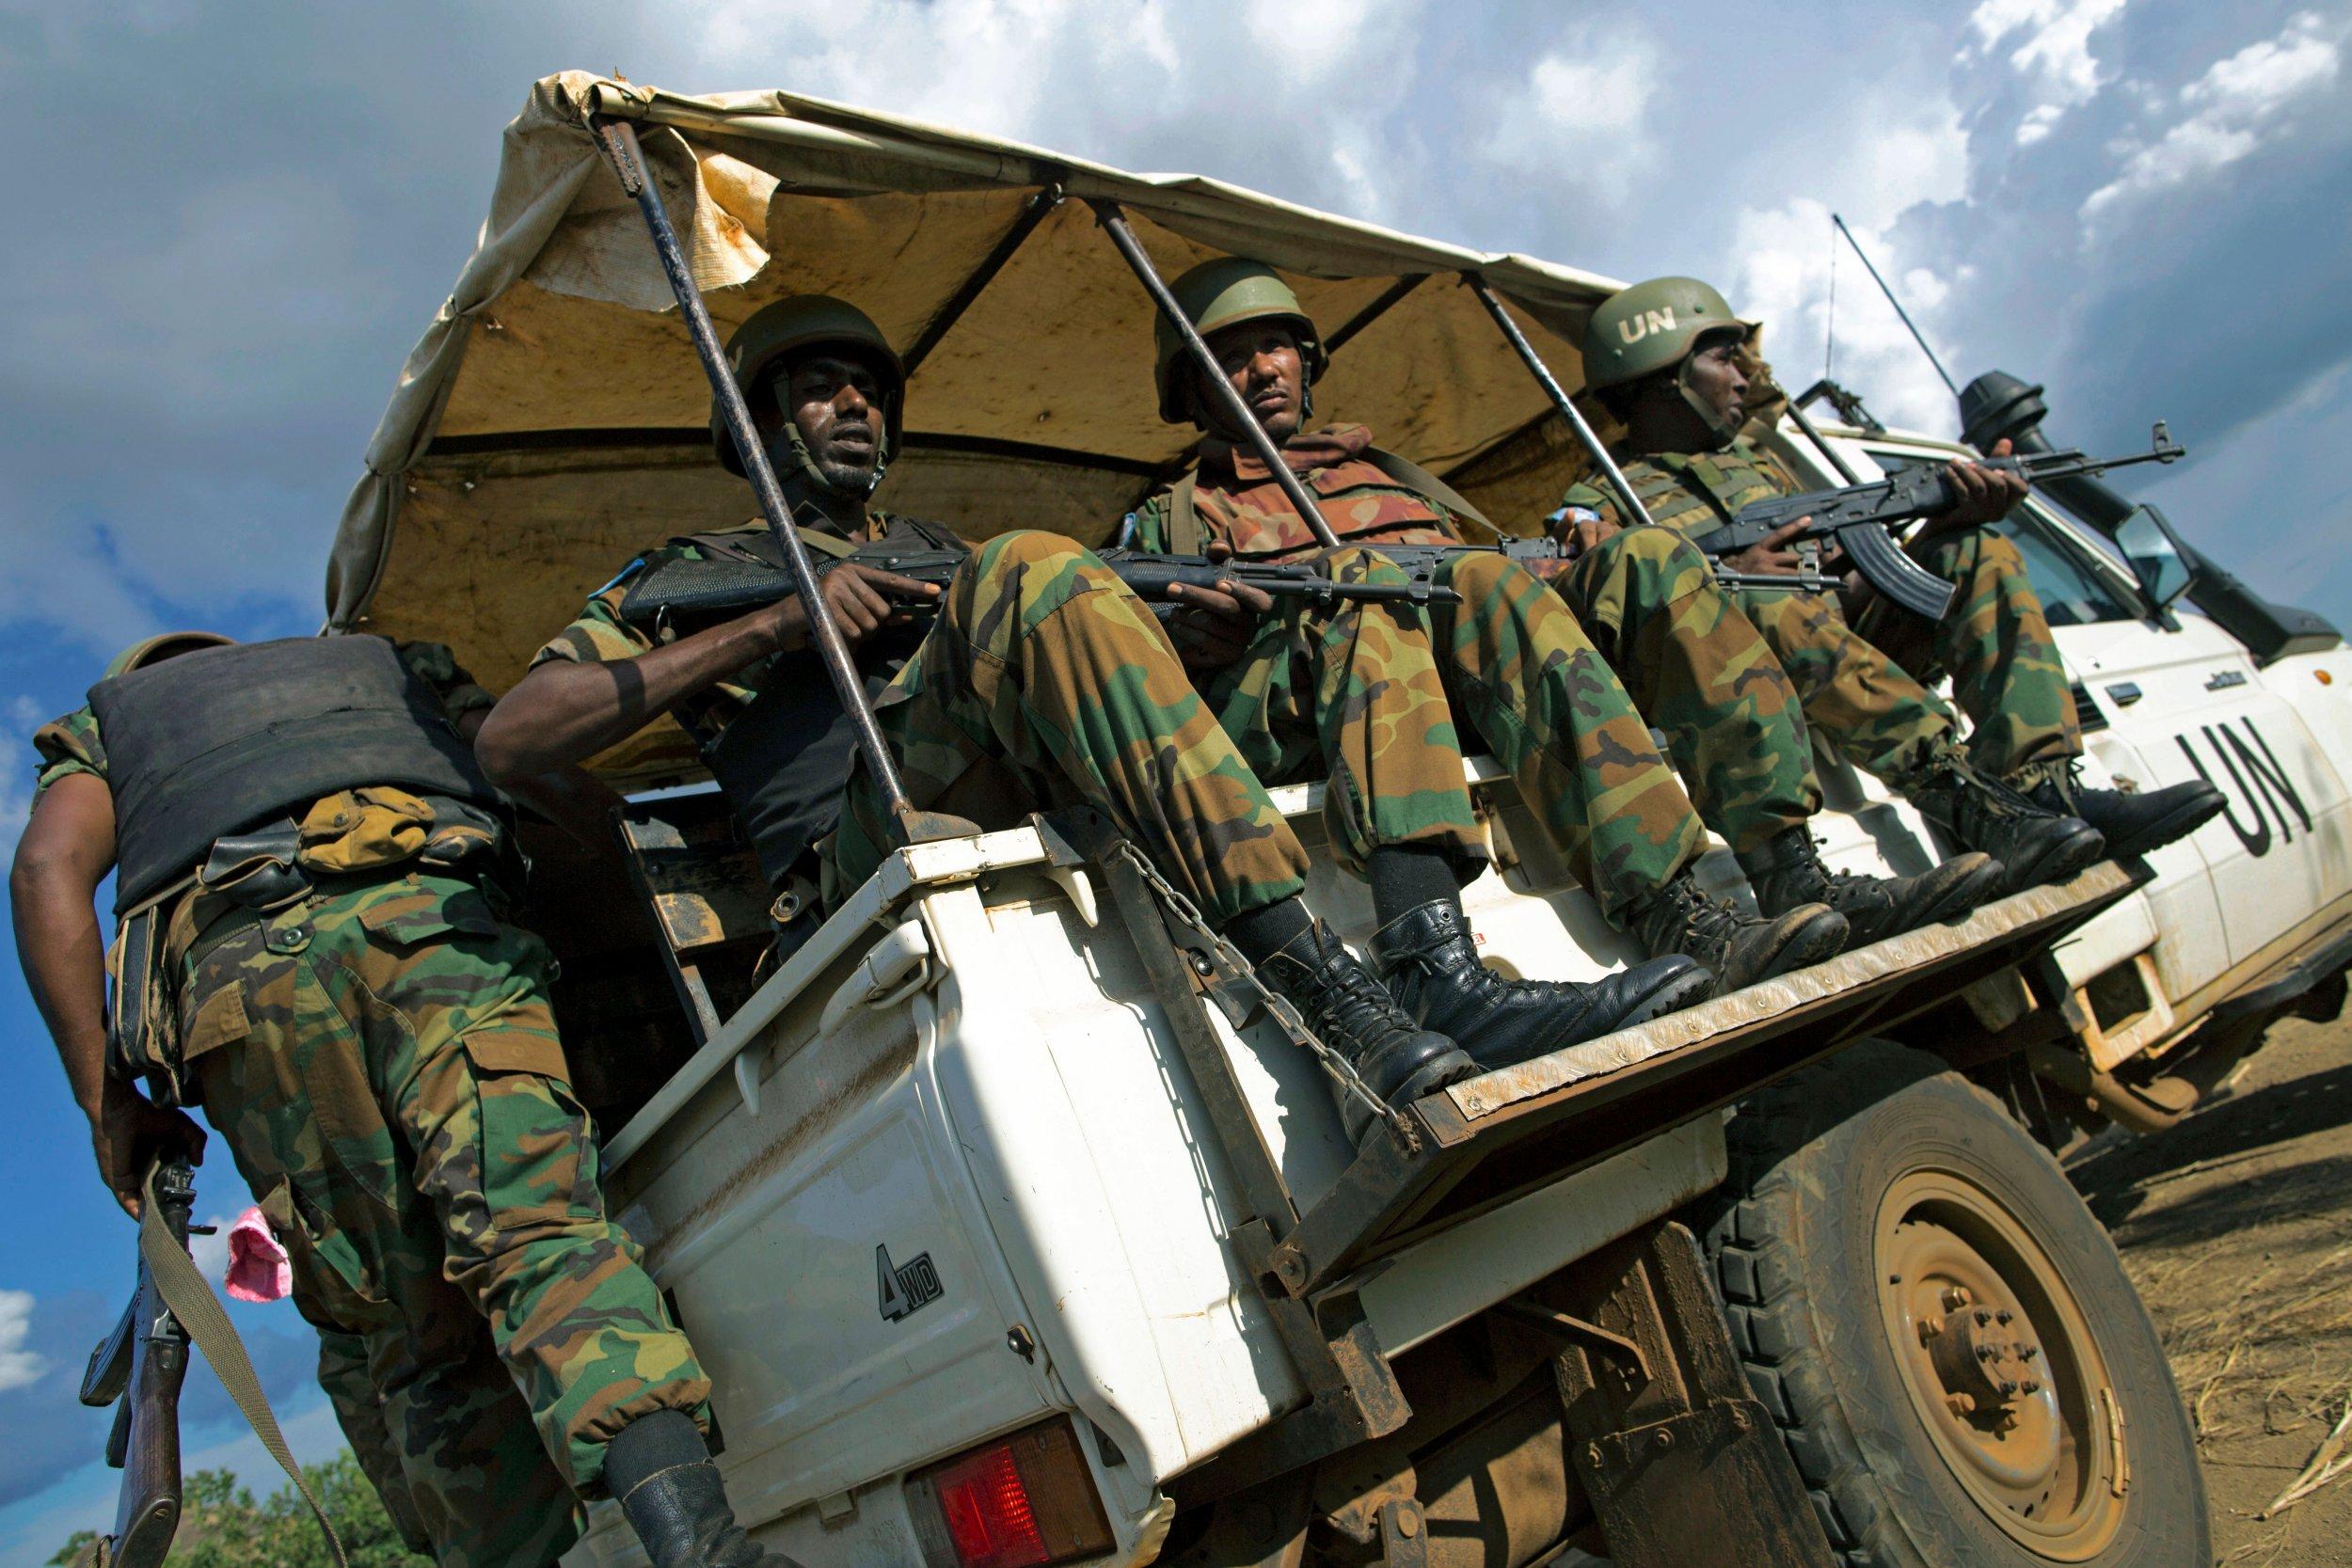 South Sudan peacekeepers